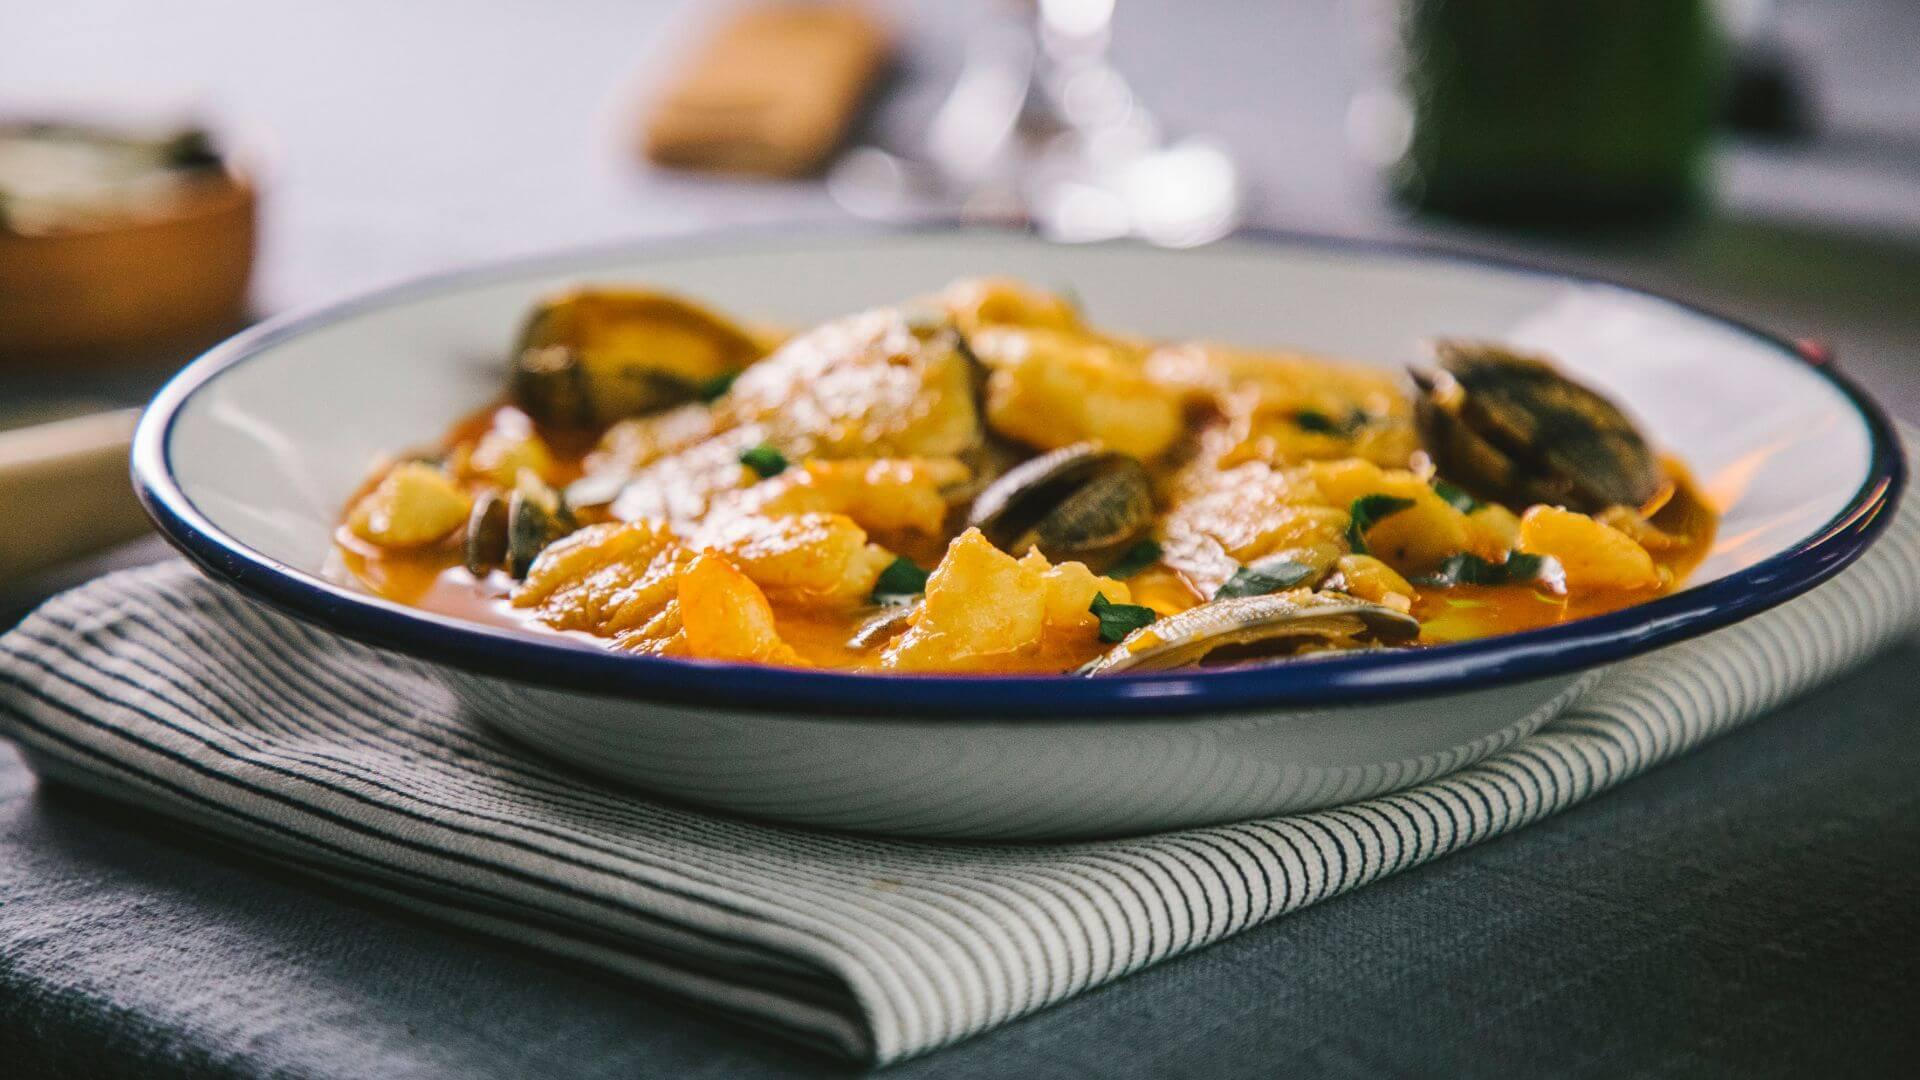 Sopa de pescado y marisco, el plato de cuchara más festivo para disfrutar todo el año